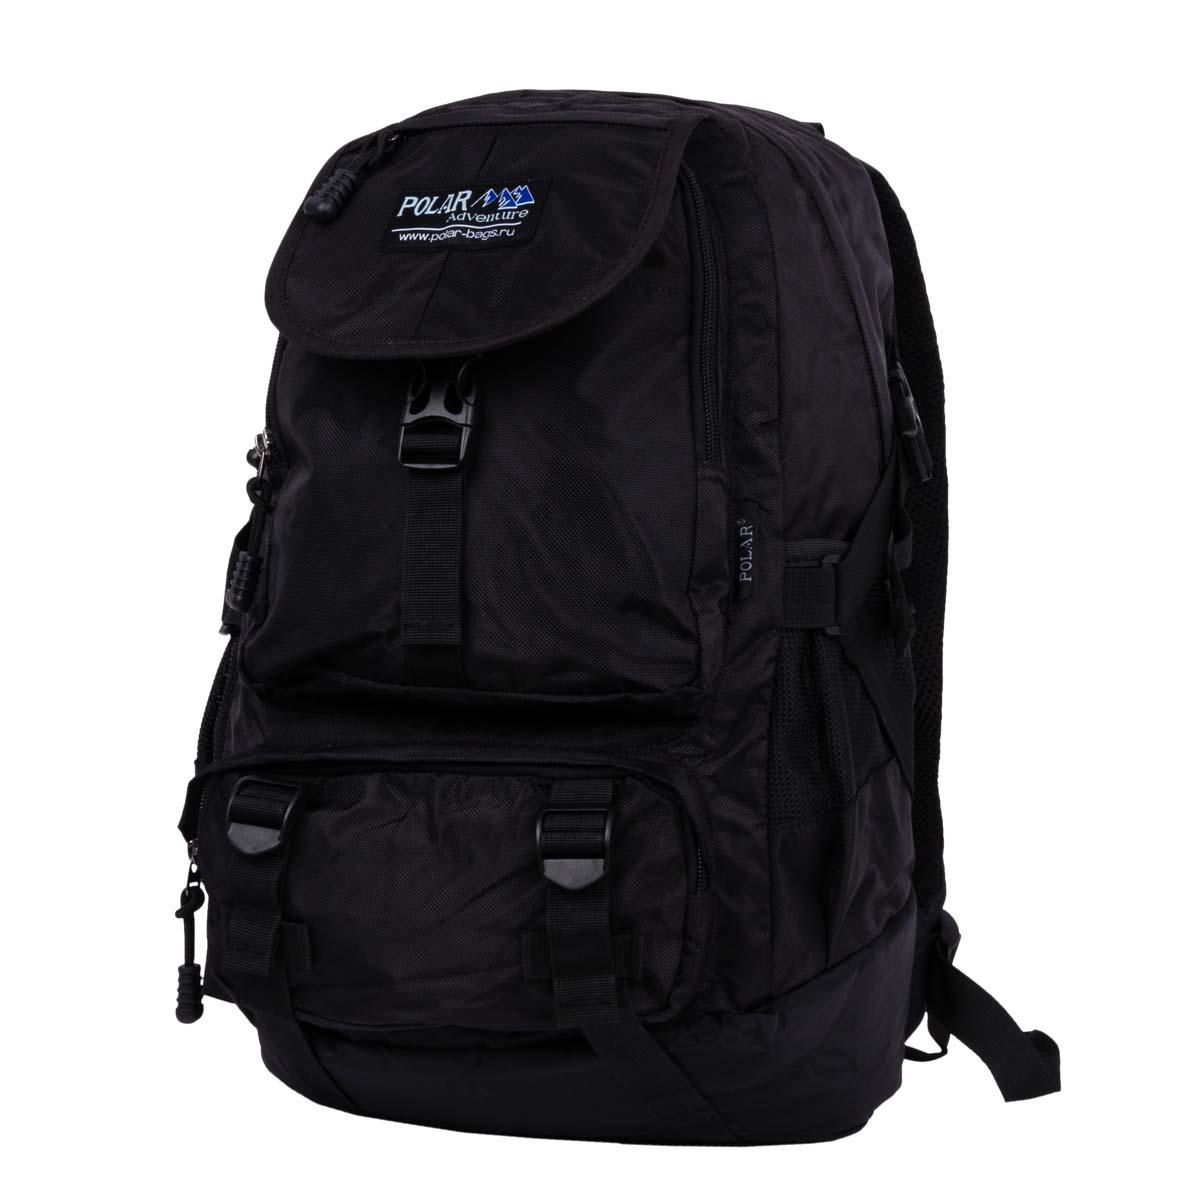 Рюкзак городской Polar, 24 л, цвет: черный. 2810-05 рюкзак polar polar po001buawne5